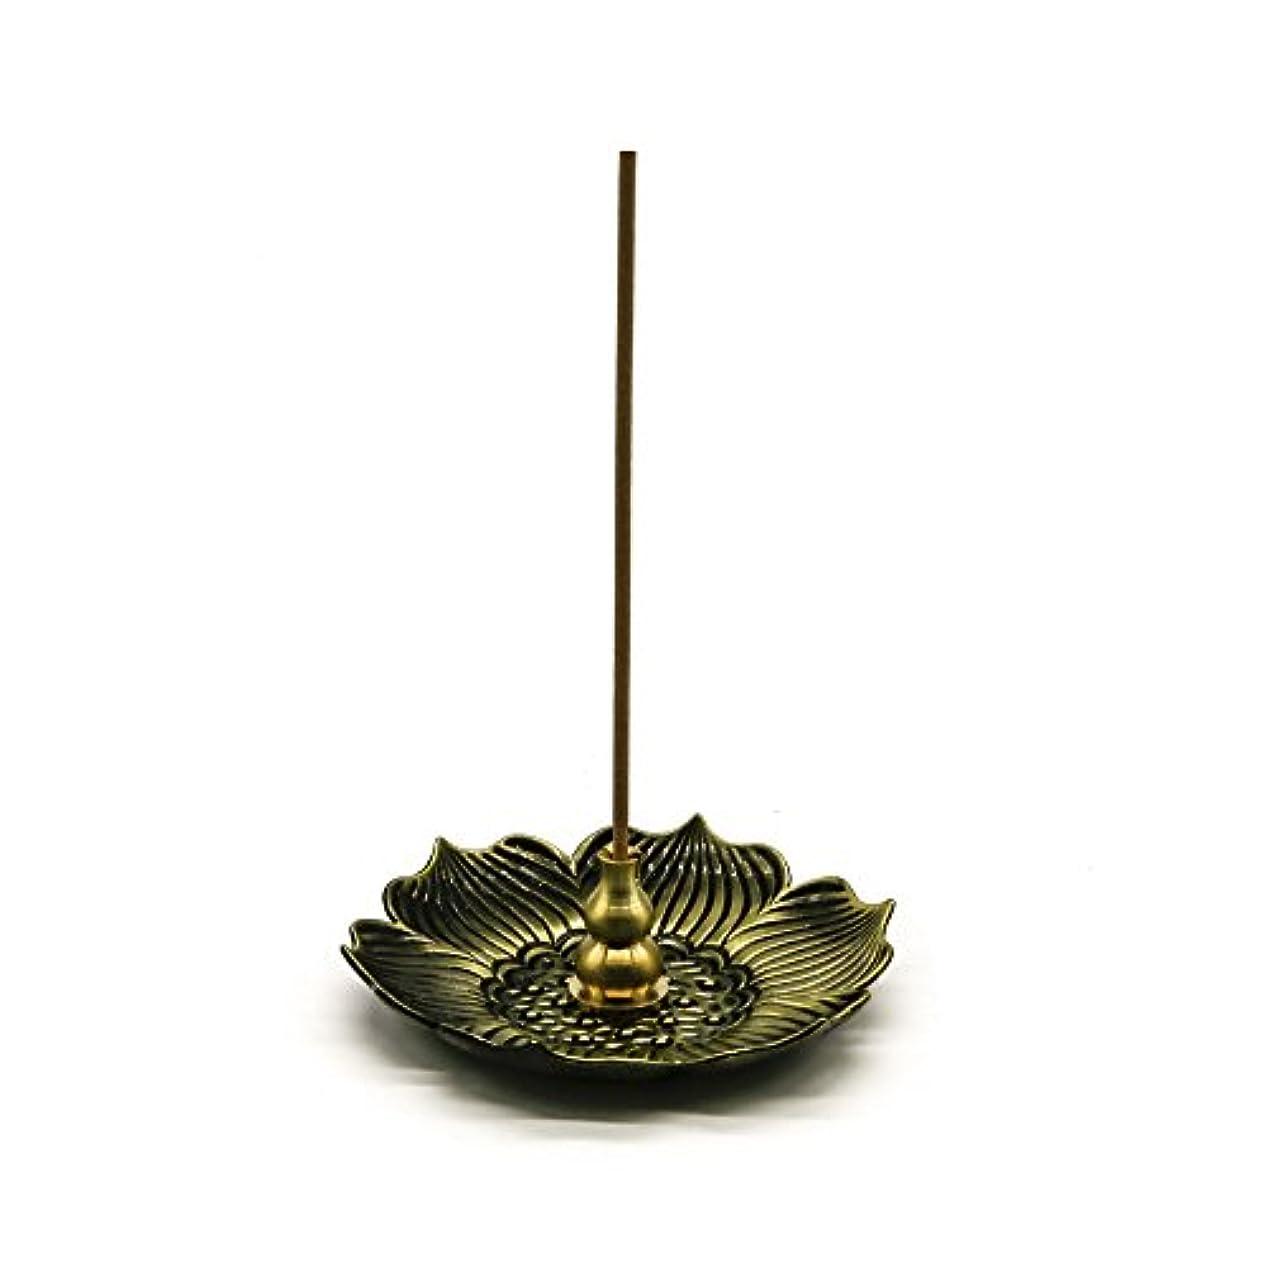 遅らせる時刻表名目上のomonicブロンズLotus Dish Stick Incense Burnerホルダー(スティック/コーン/コイルIncense )アロマセラピー炉Diffuser forホームインテリア